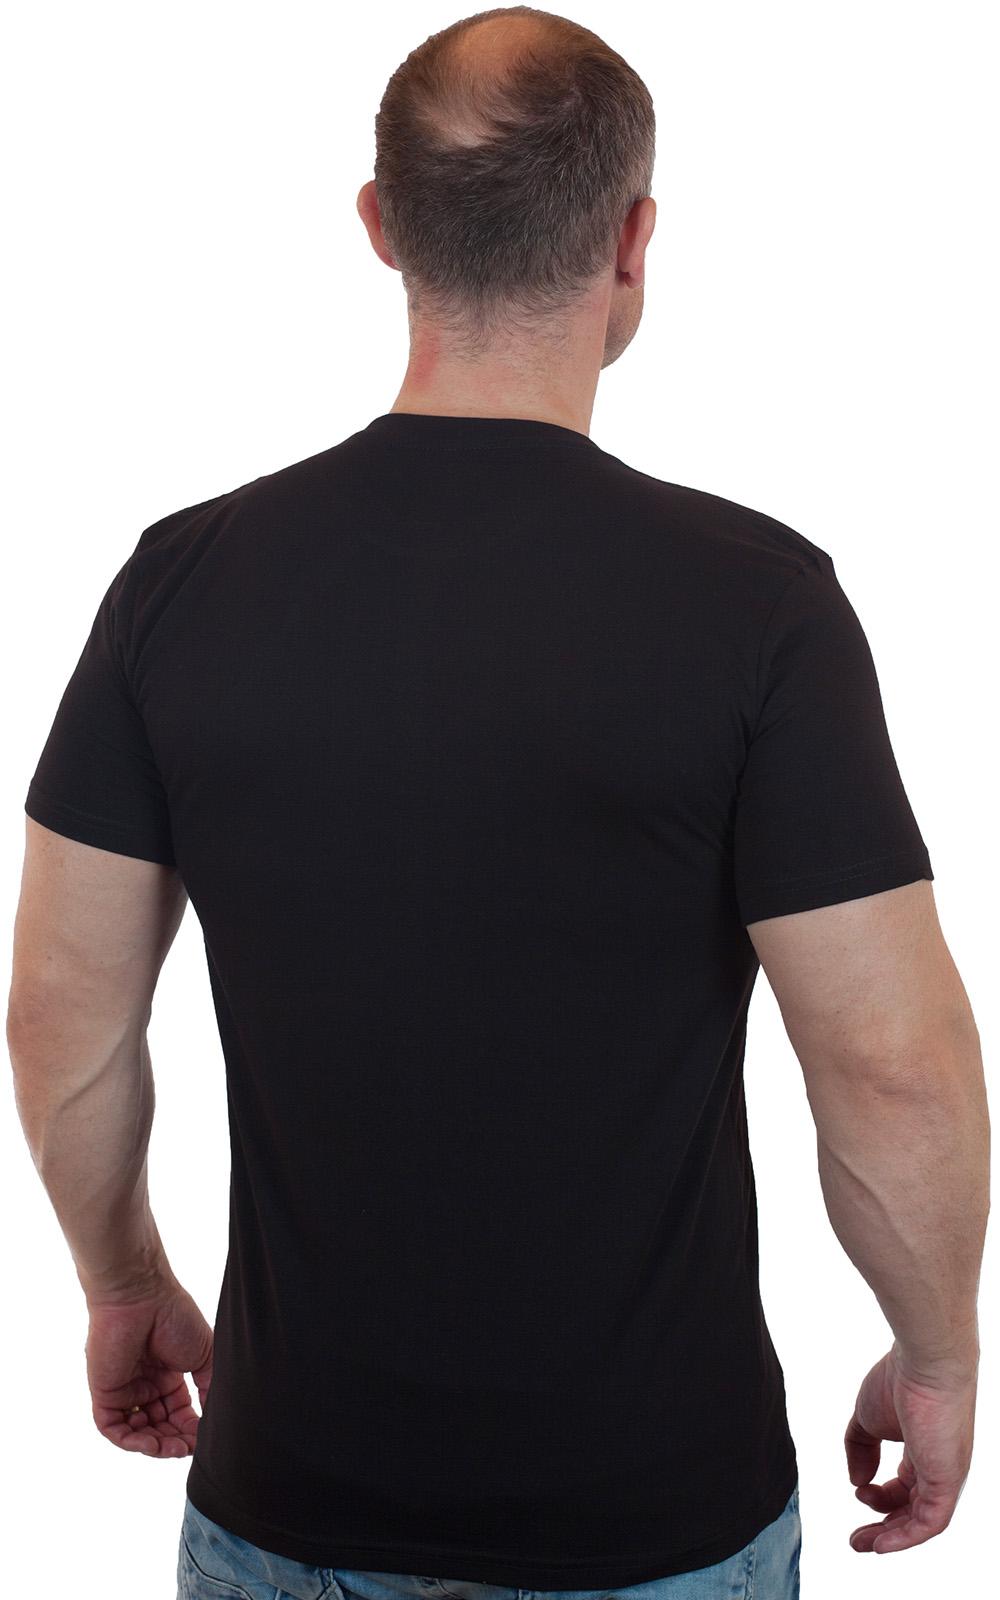 Черная армейская футболка с вышитым знаком ВДВ 108 ДШП - купить в подарок